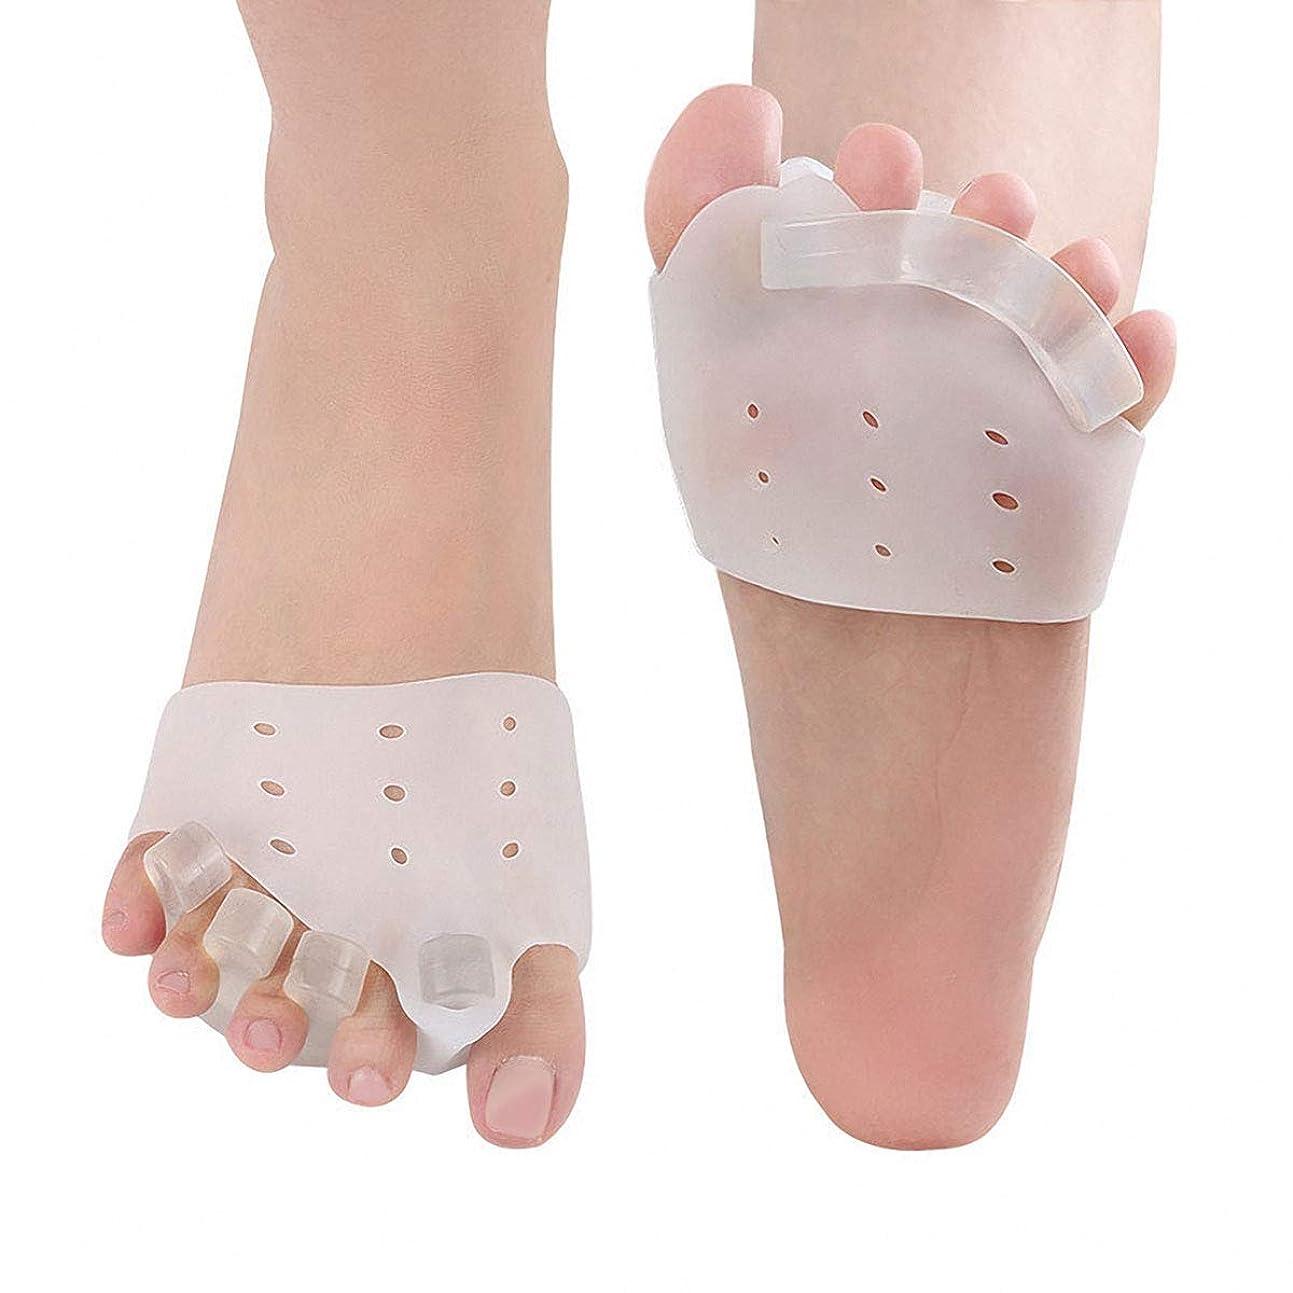 後世何もない解決する足指パッド セパレーター 矯正 足指を広げる 外反母趾矯正 内反小趾 サポーター 足指矯正パッド 足指分離 足指 シリコンパッド 足用保護パッド 足の痛みを軽減 男女兼用 左右兼用 (左右セット)